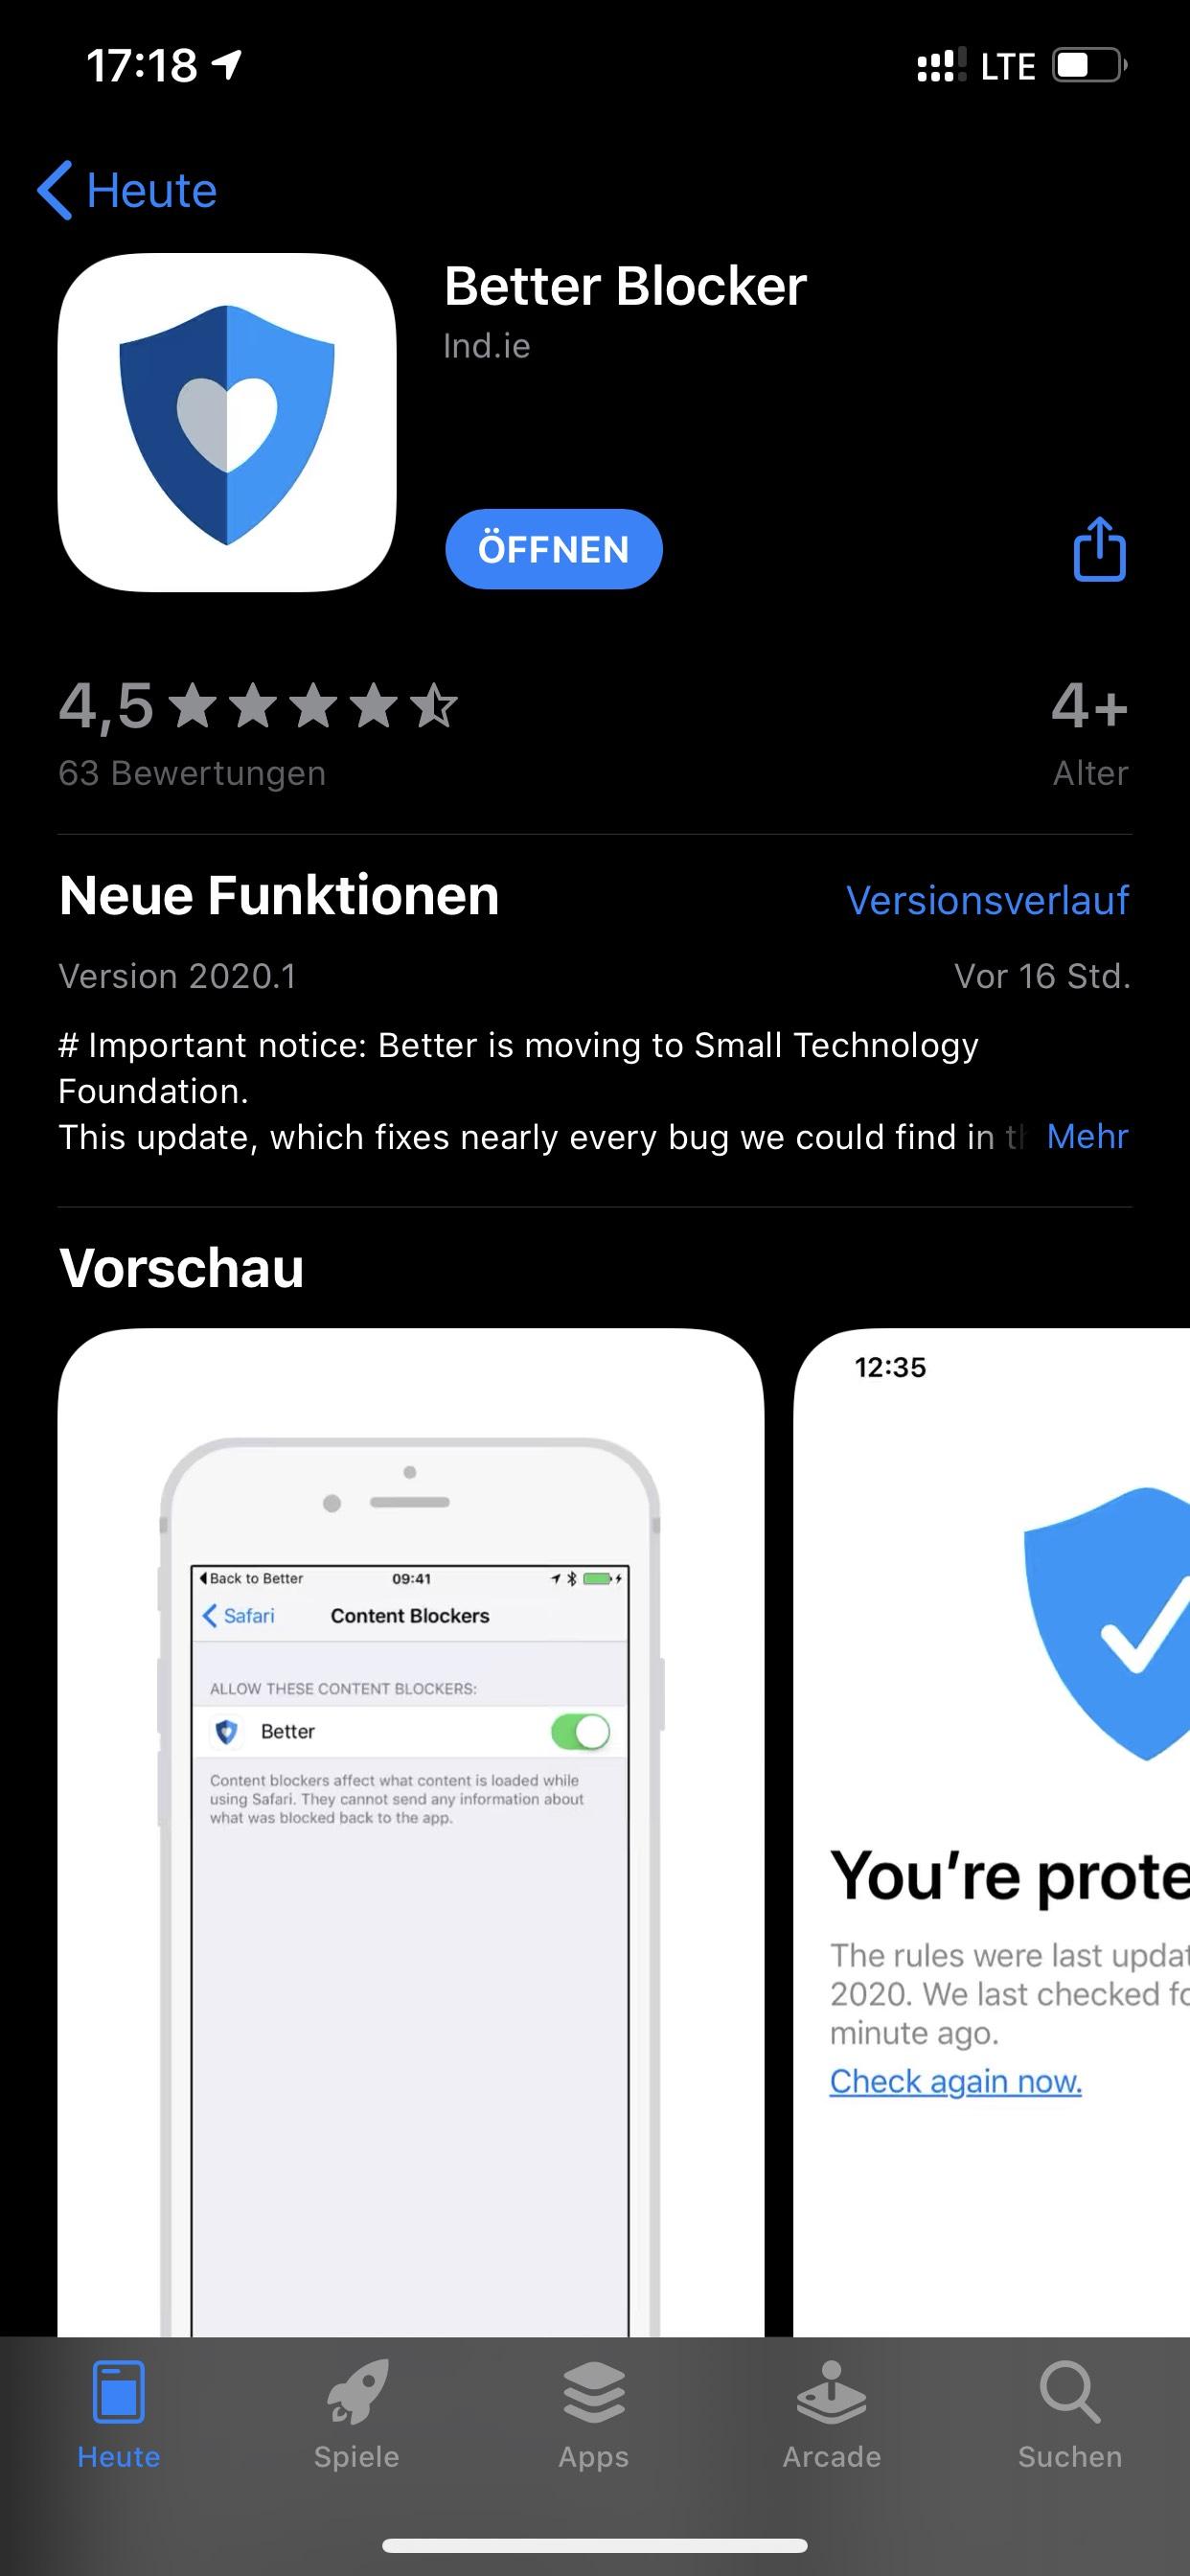 [Freebie] Better Blocker (iOS)